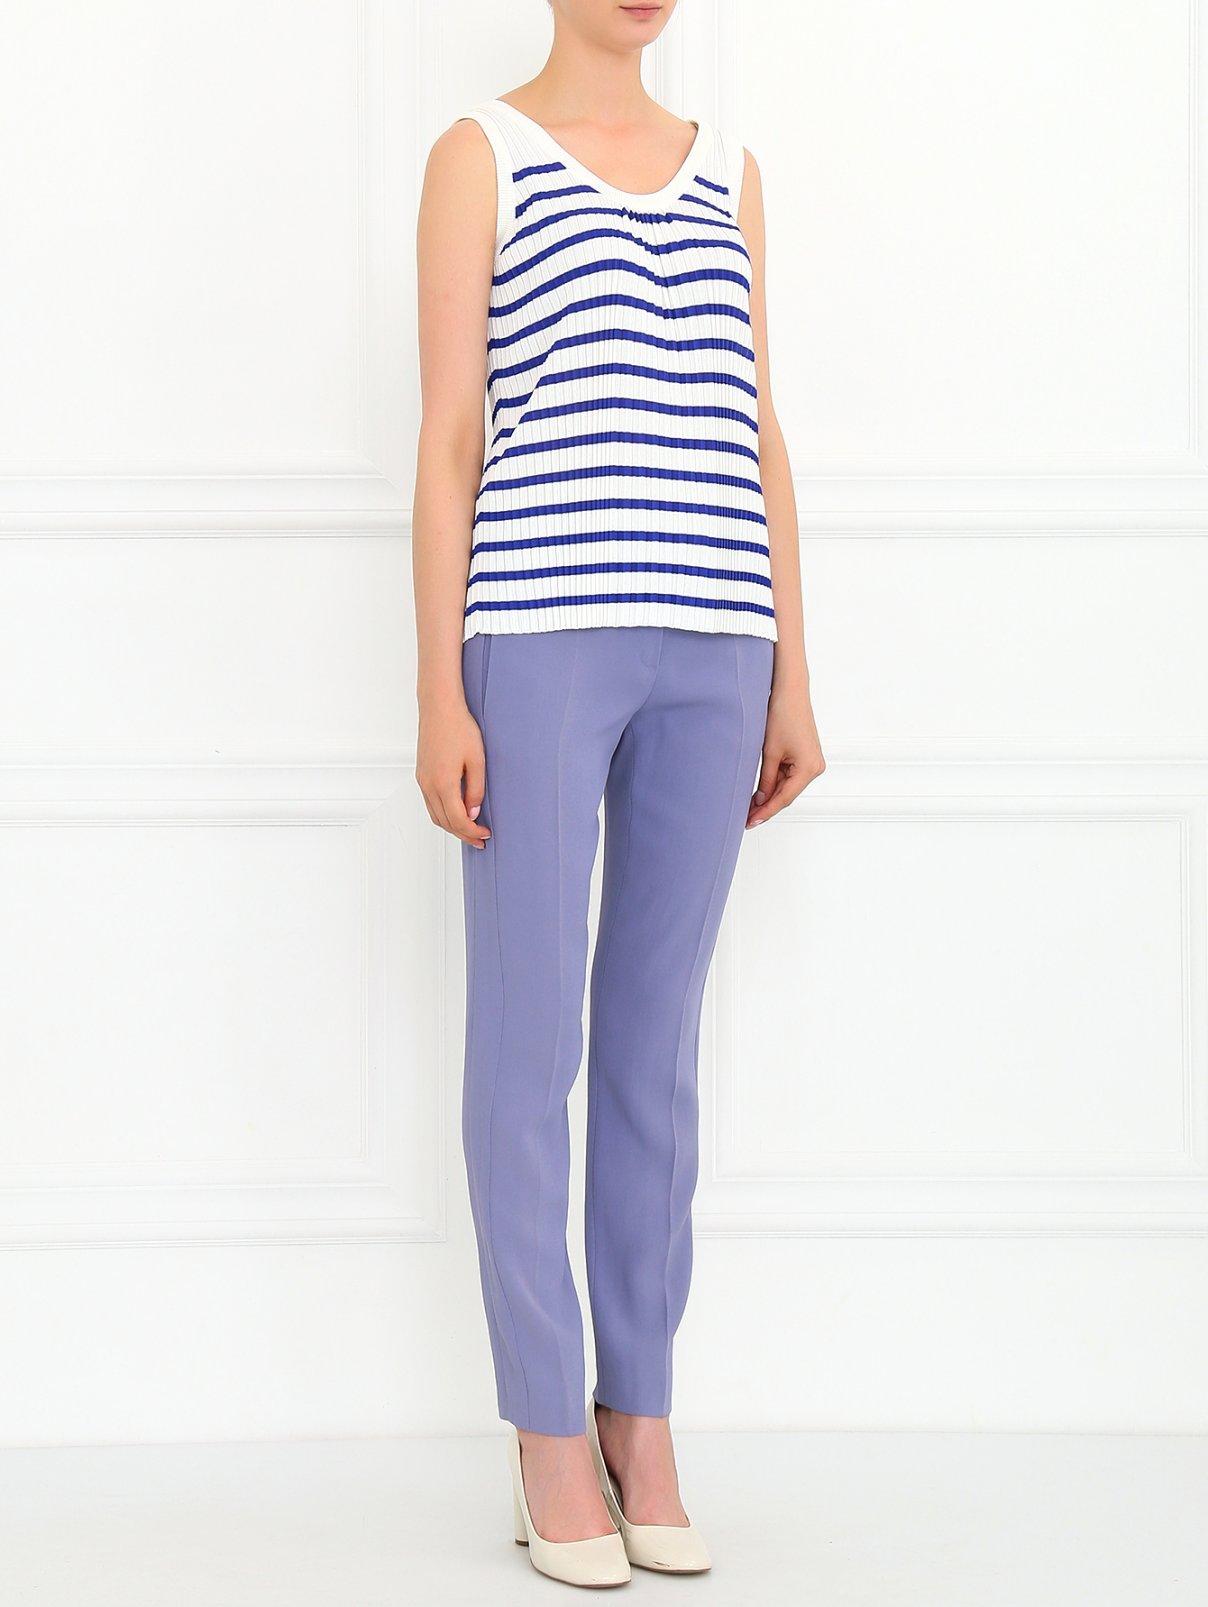 Зауженные брюки с боковыми карманами Emporio Armani  –  Модель Общий вид